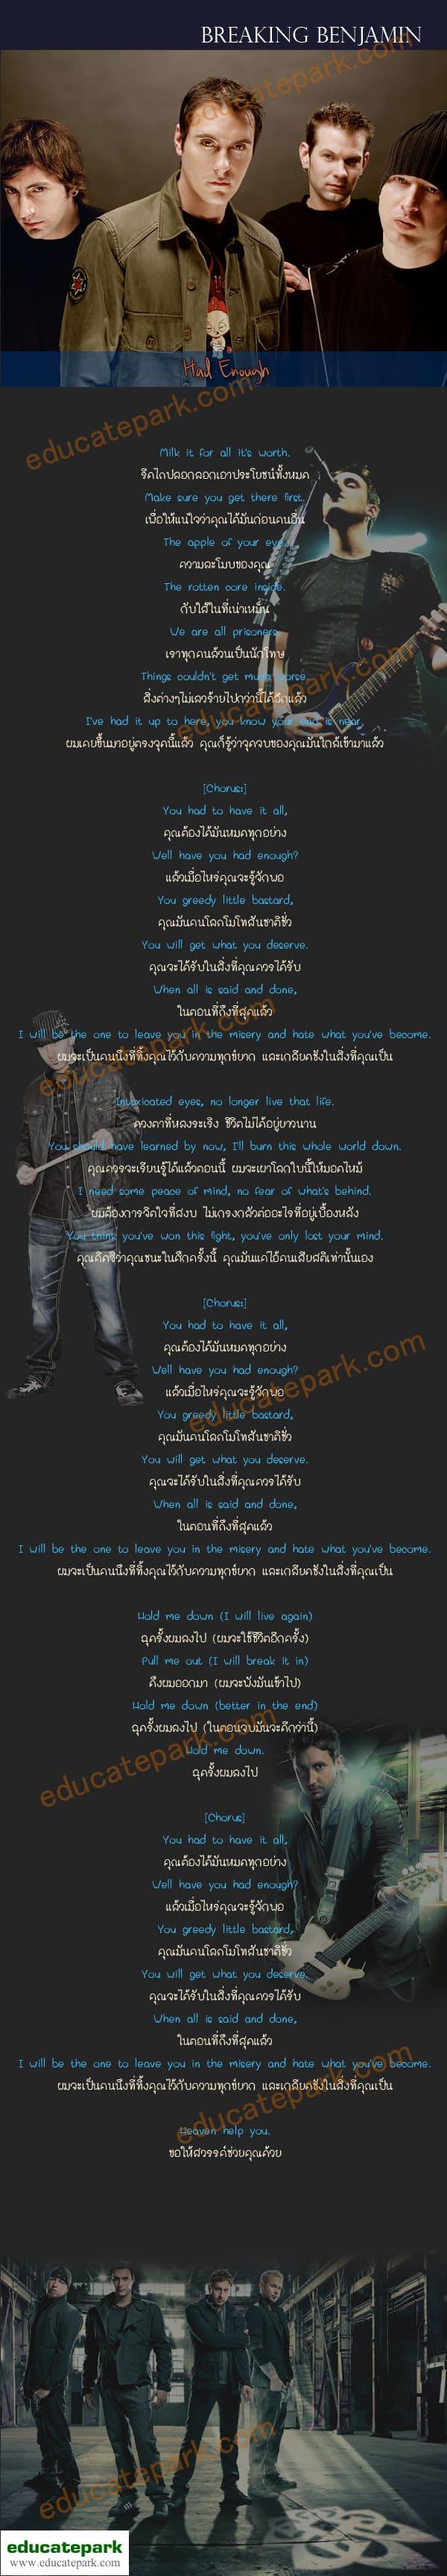 แปลเพลง Had Enough - Breaking Benjamin